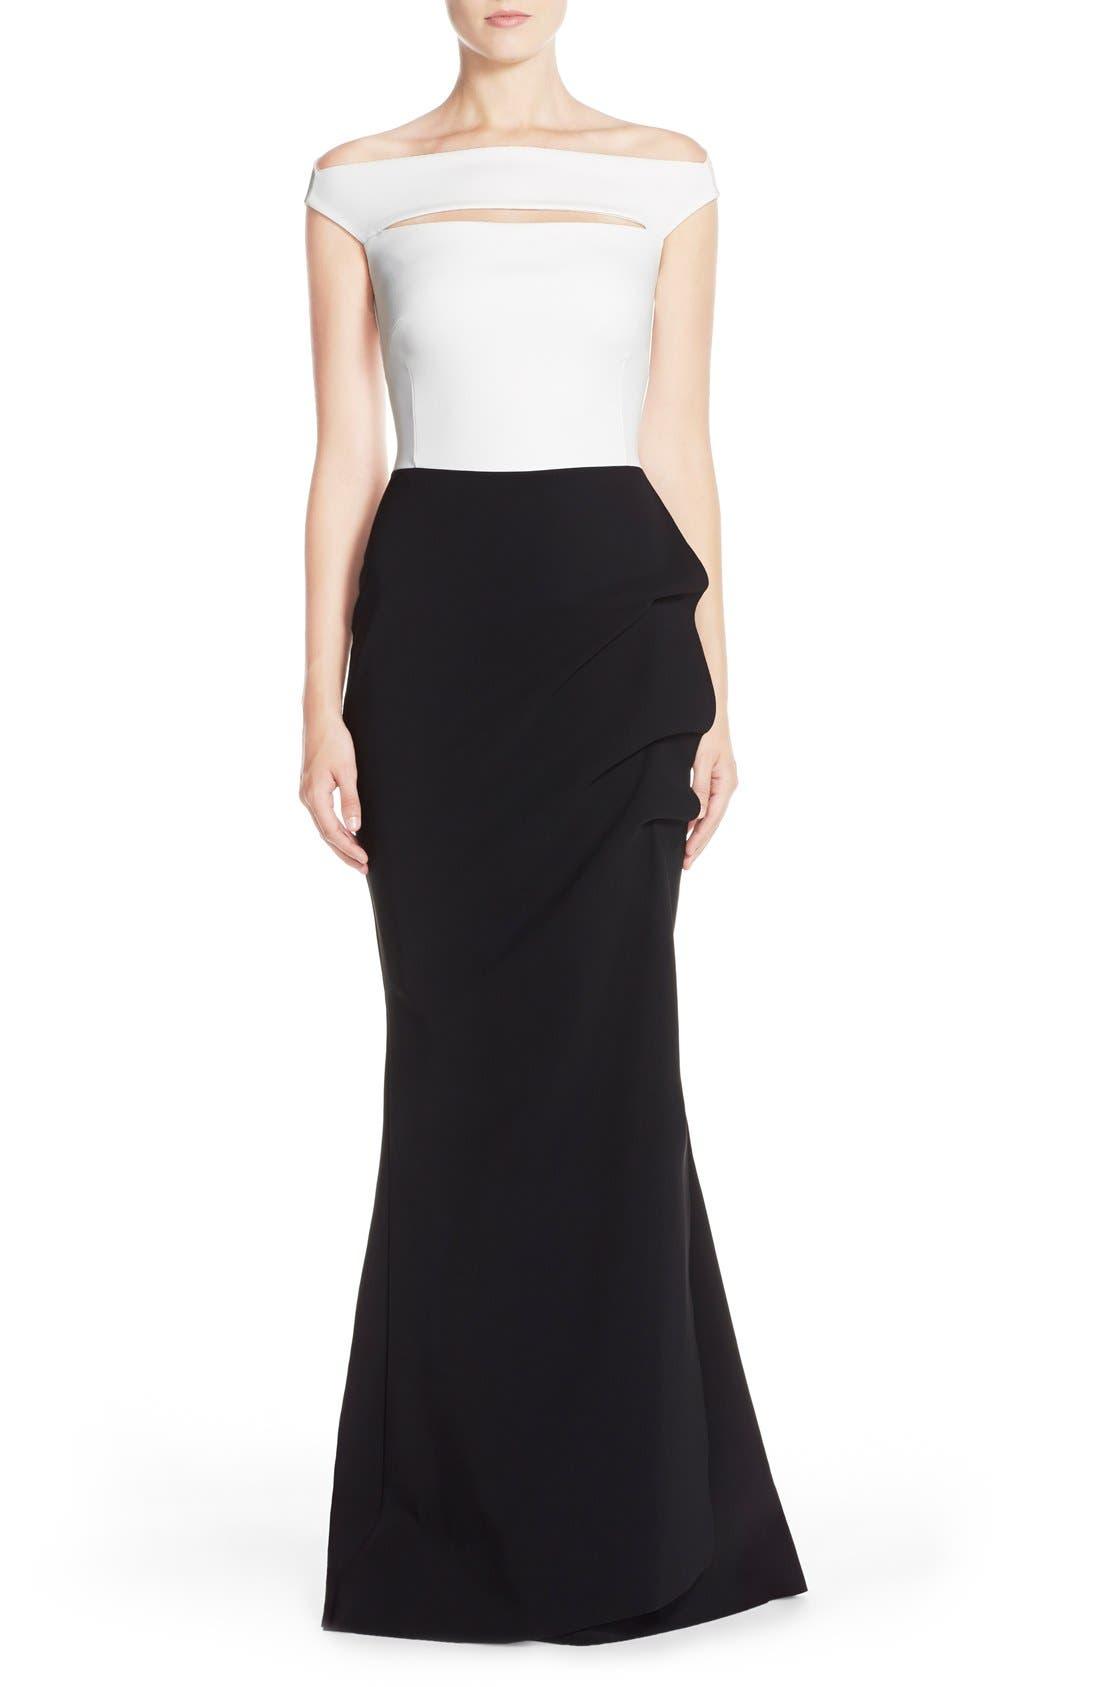 Alternate Image 1 Selected - Chiara Boni La Petite Robe 'Melania' Off the ShoulderMermaid Gown